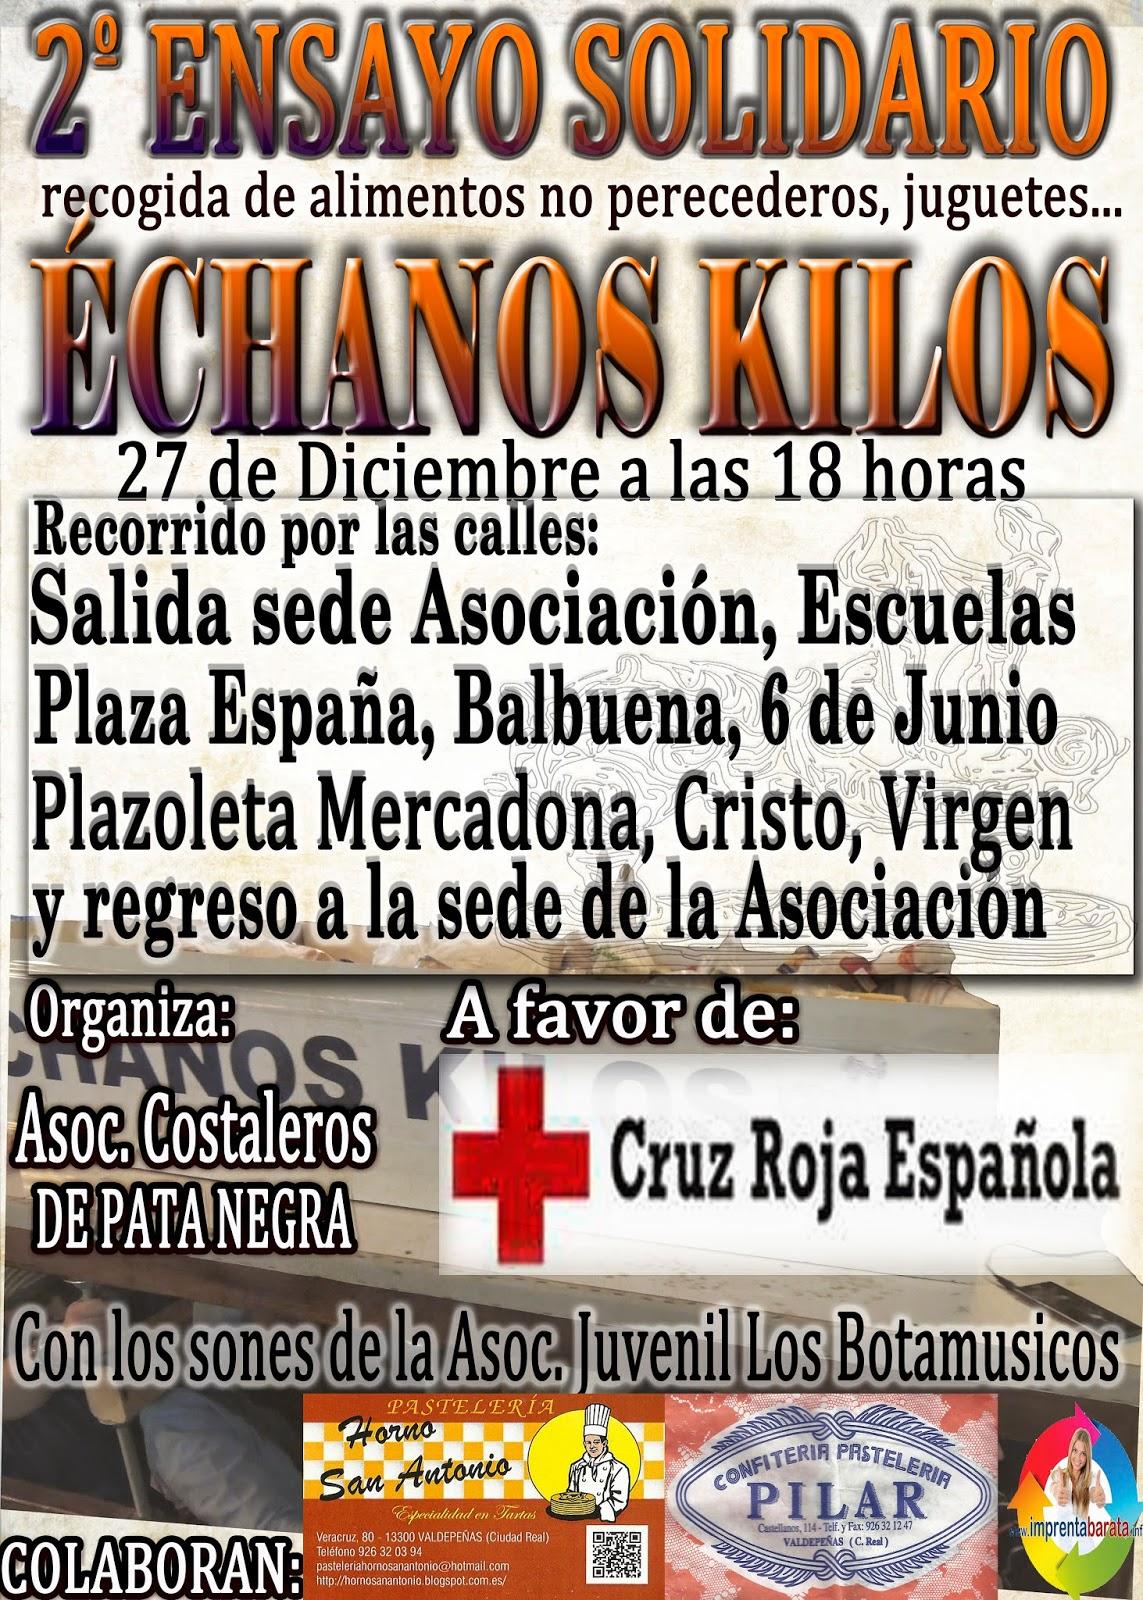 """II Ensayo Solidario """"Échanos Kilos"""""""